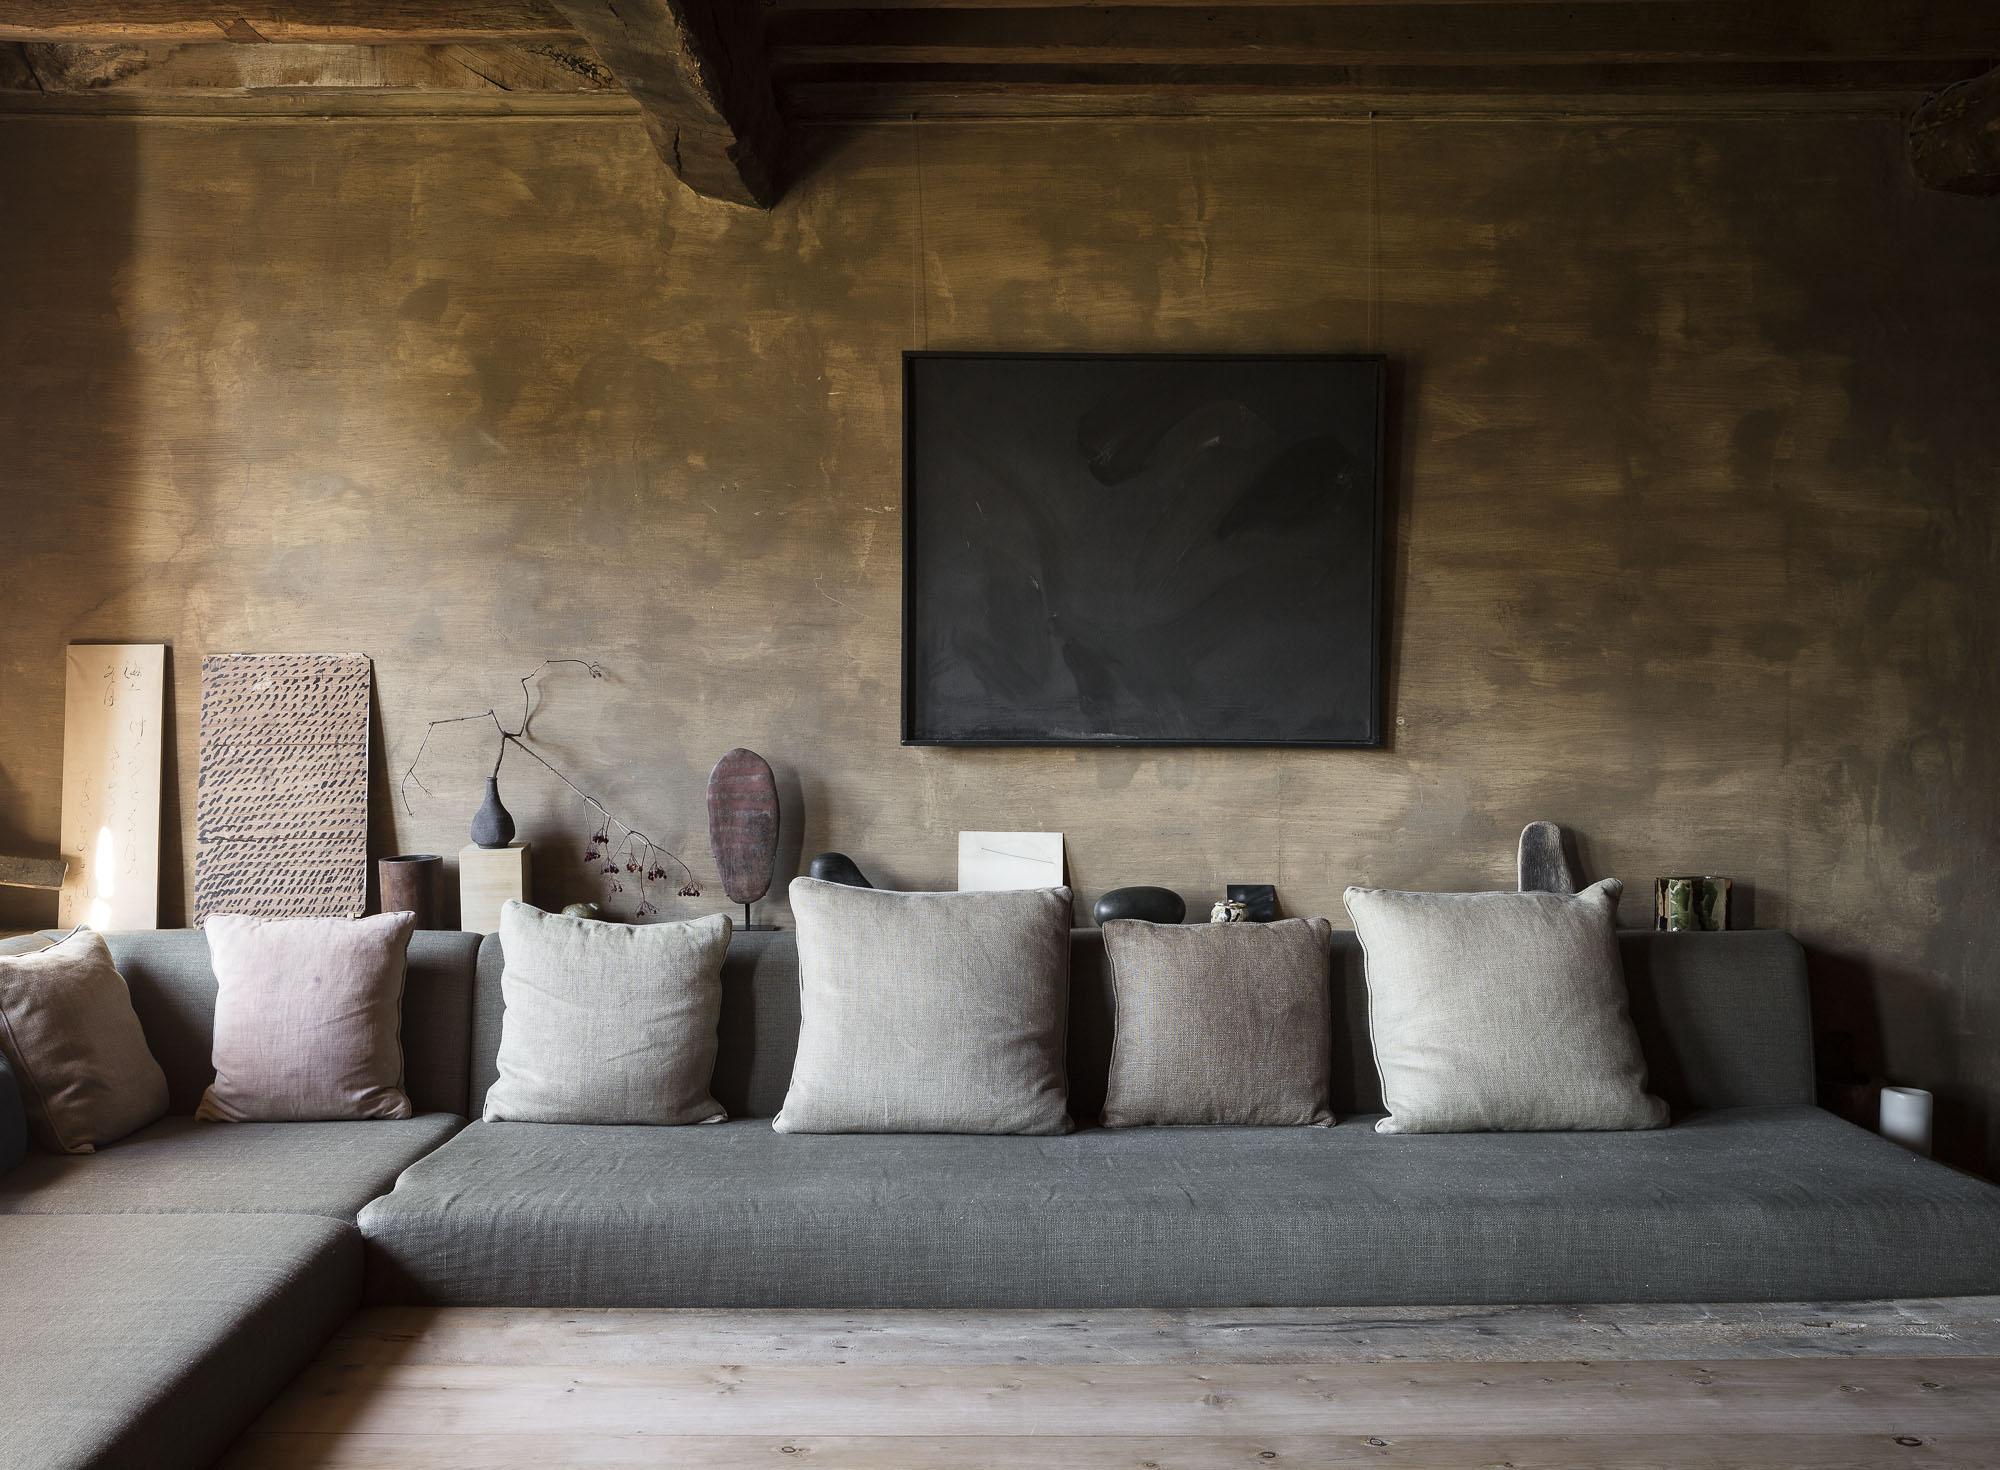 Wabi sabi style room